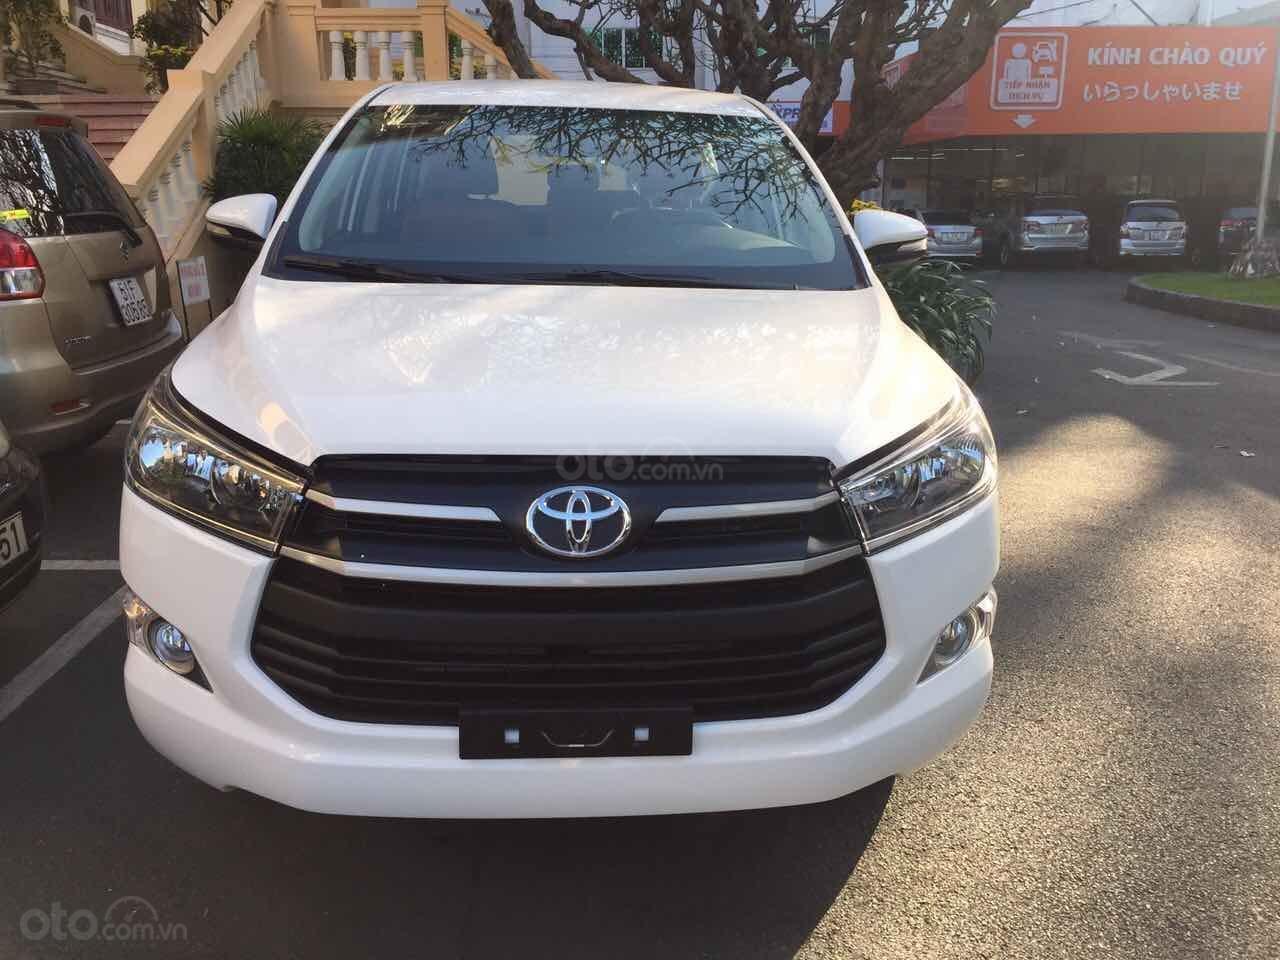 Cần bán xe Toyota Innova 2.0E MT đời 2019, màu trắng giảm tiền mặt, tặng bảo hiểm, DVD, camera, hộp đen-0